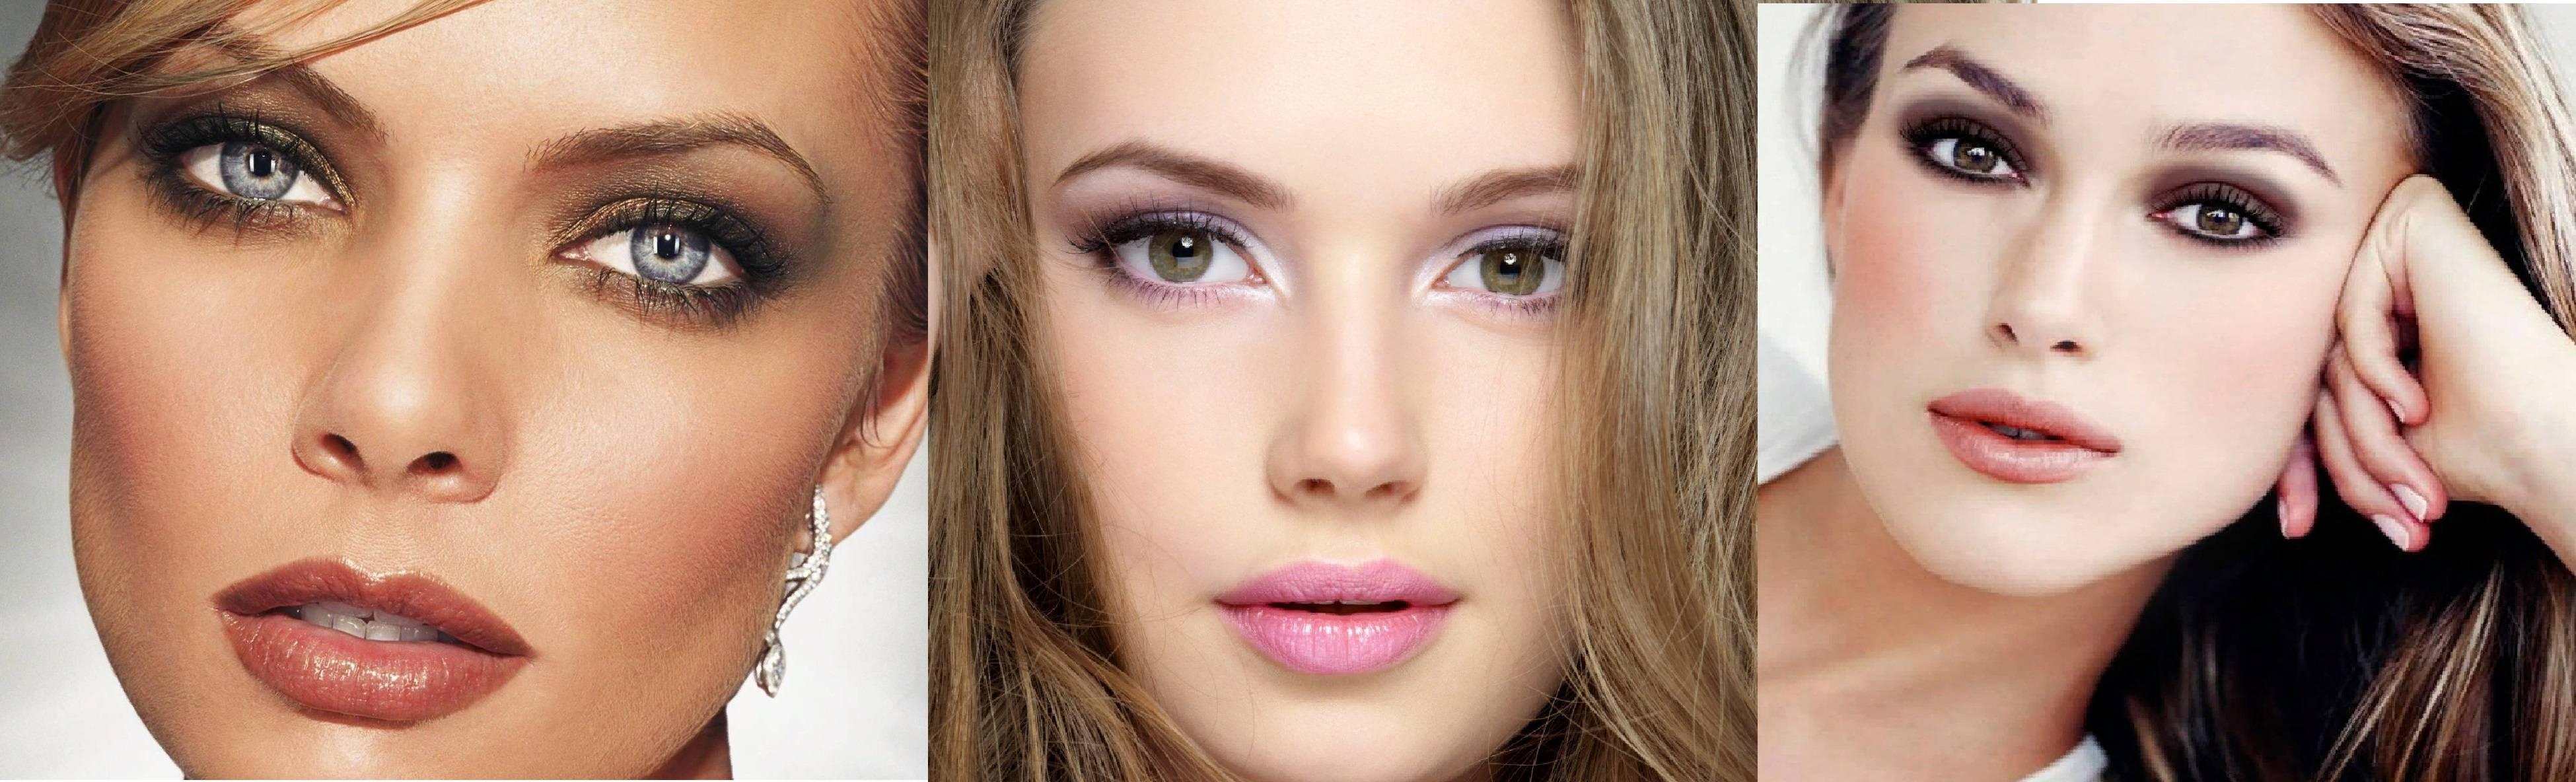 Какие бывают формы глаз и макияж под них: примеры с фото